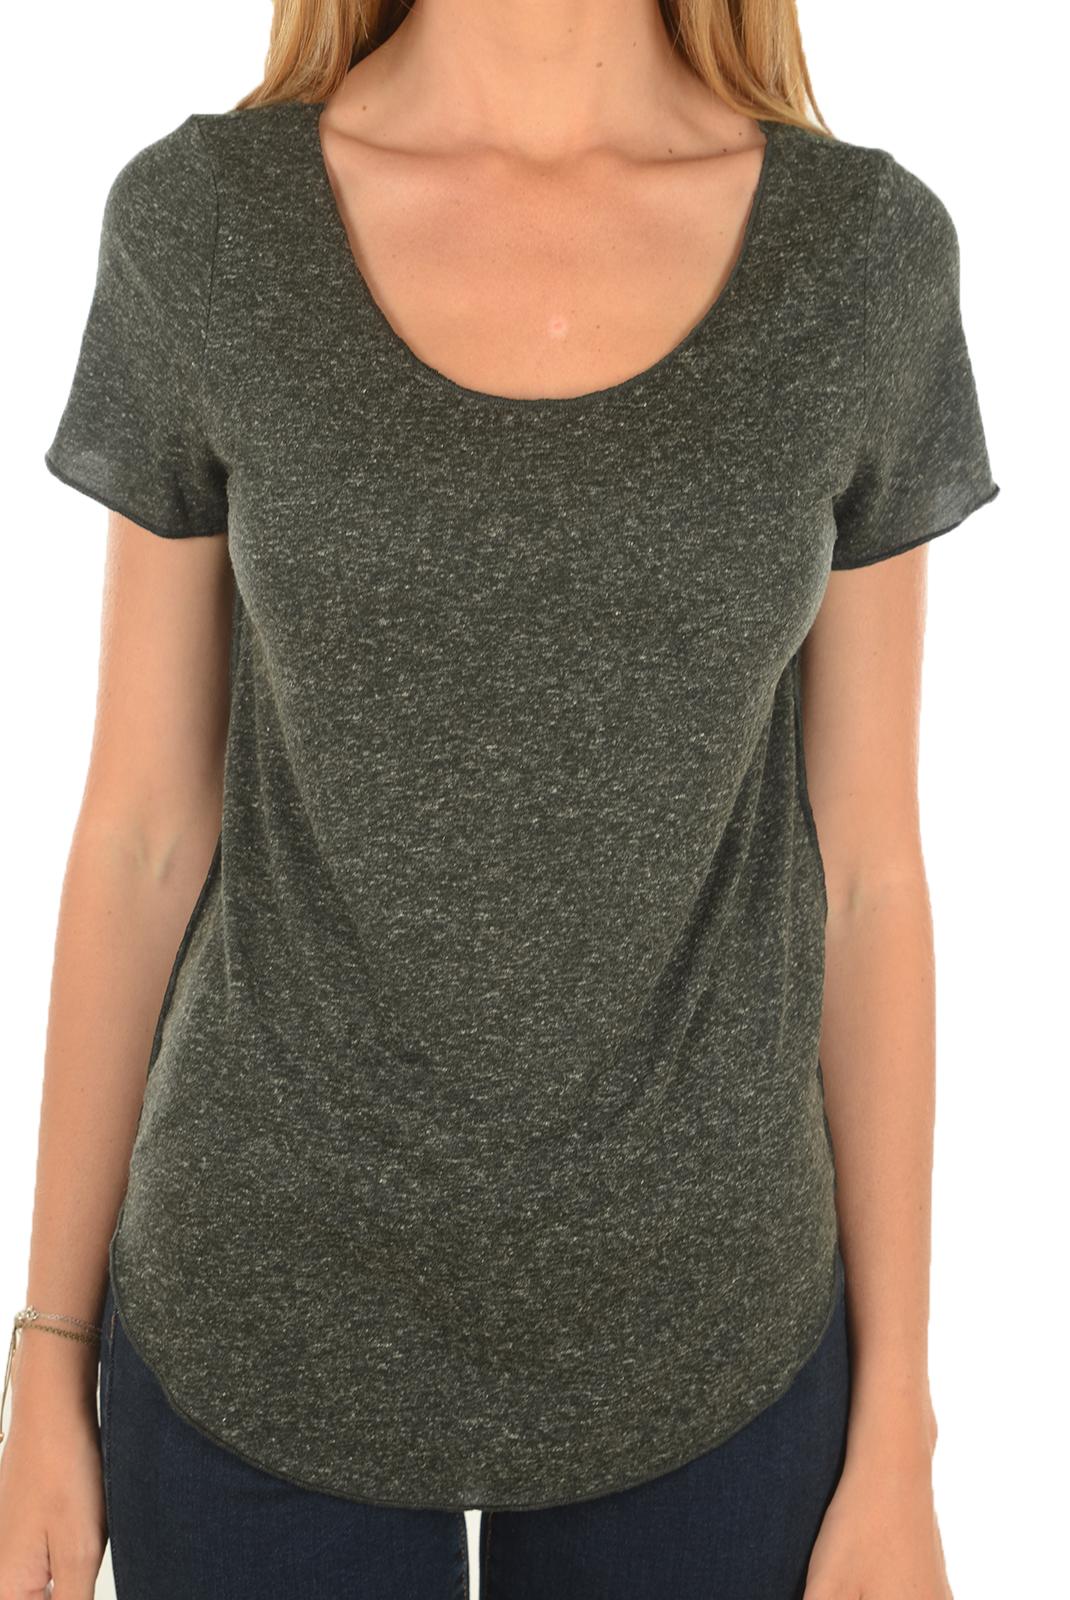 Tee shirt  Vero moda LUA SS TOP NOOS BLACK